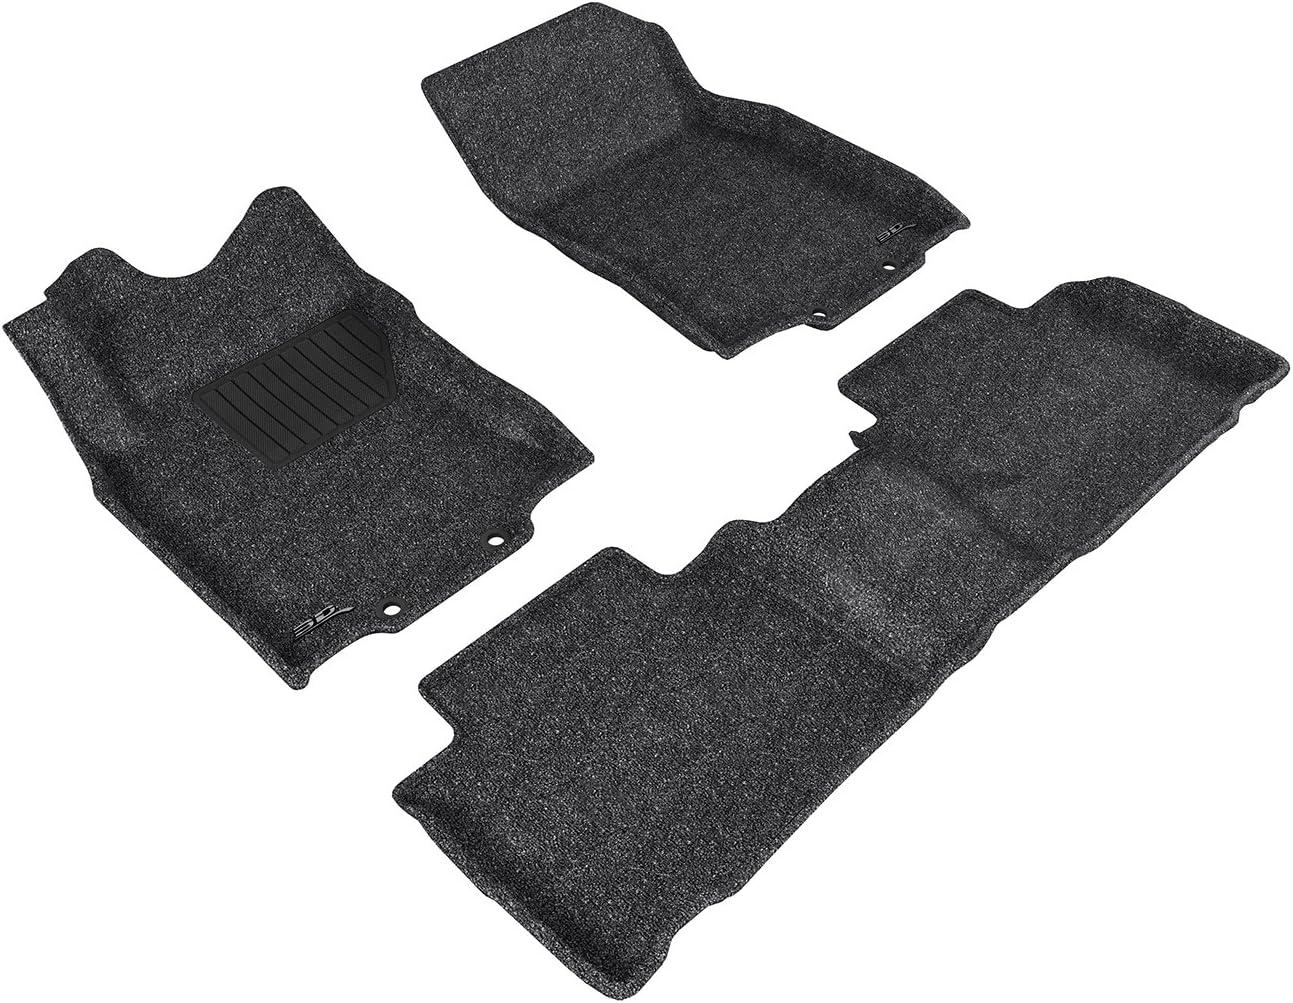 Classic Carpet Black 3D MAXpider L1NS06802209 Complete Set Custom Fit Floor Mat for Select Nissan Rogue Models